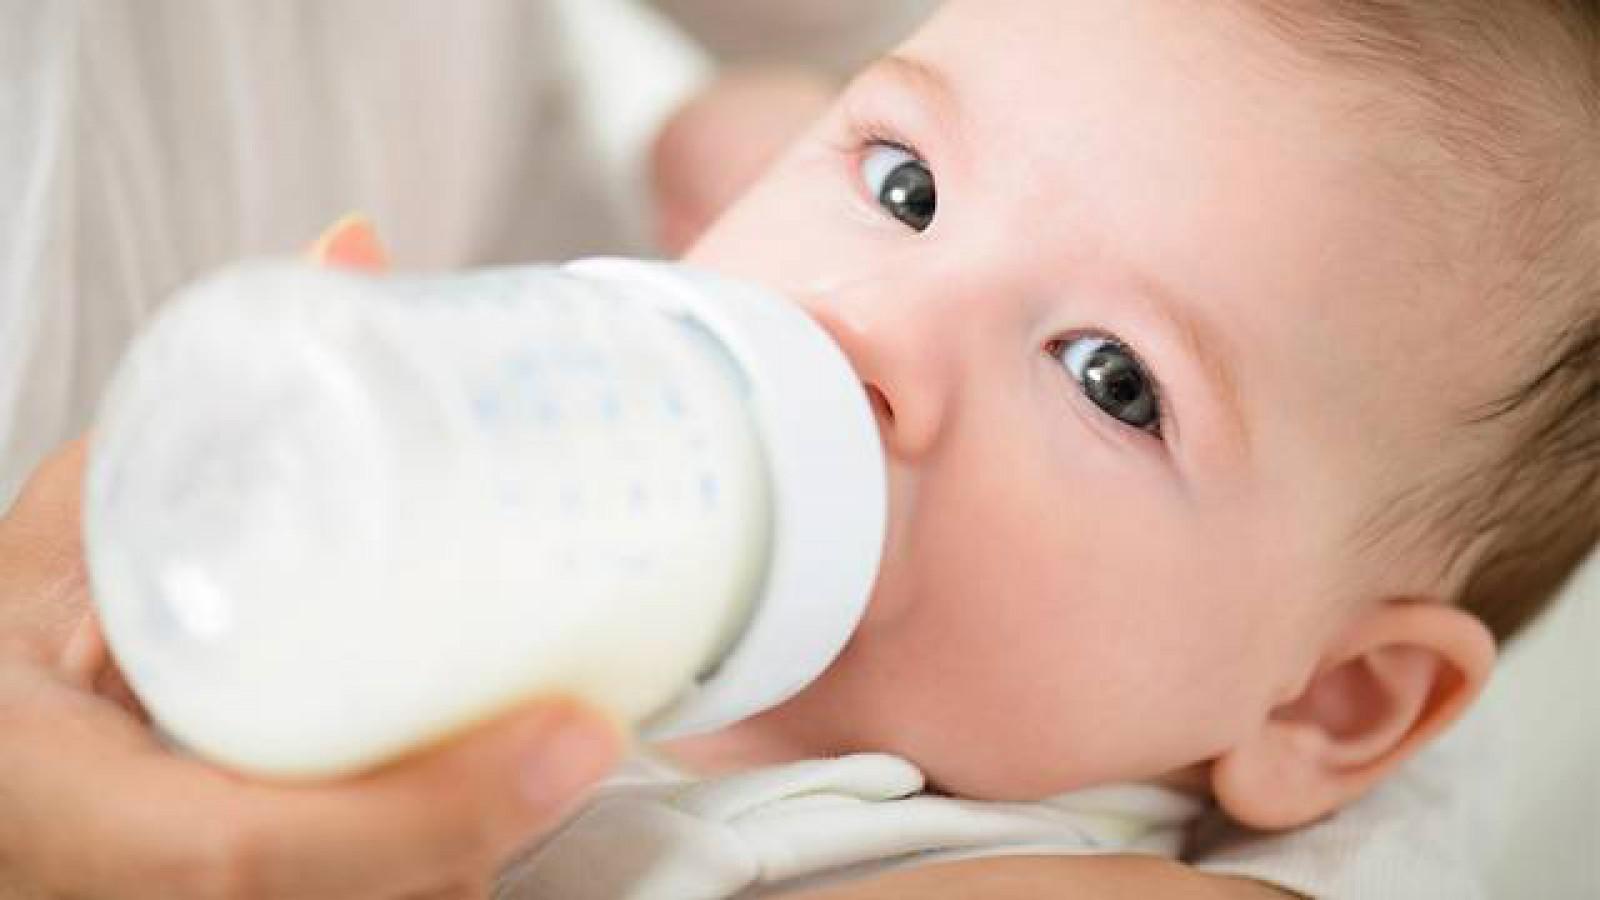 Franța. Lapte praf, contaminat cu salmonella: Vor fi retrase 12 milioane de cutii de pe piață